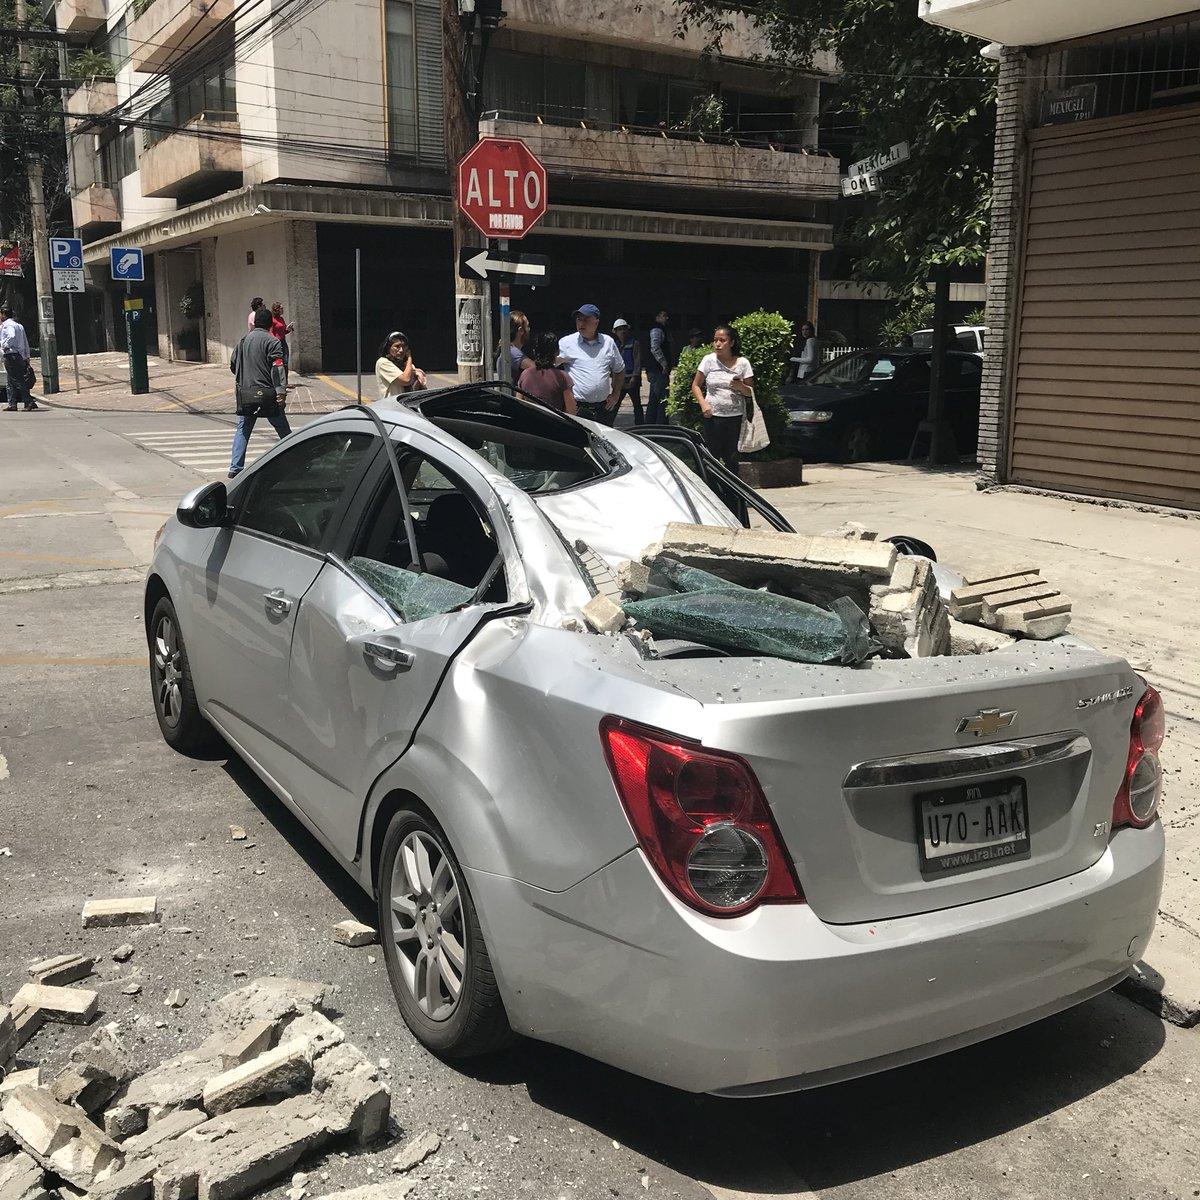 Fuerte temblor azotó a México — En video